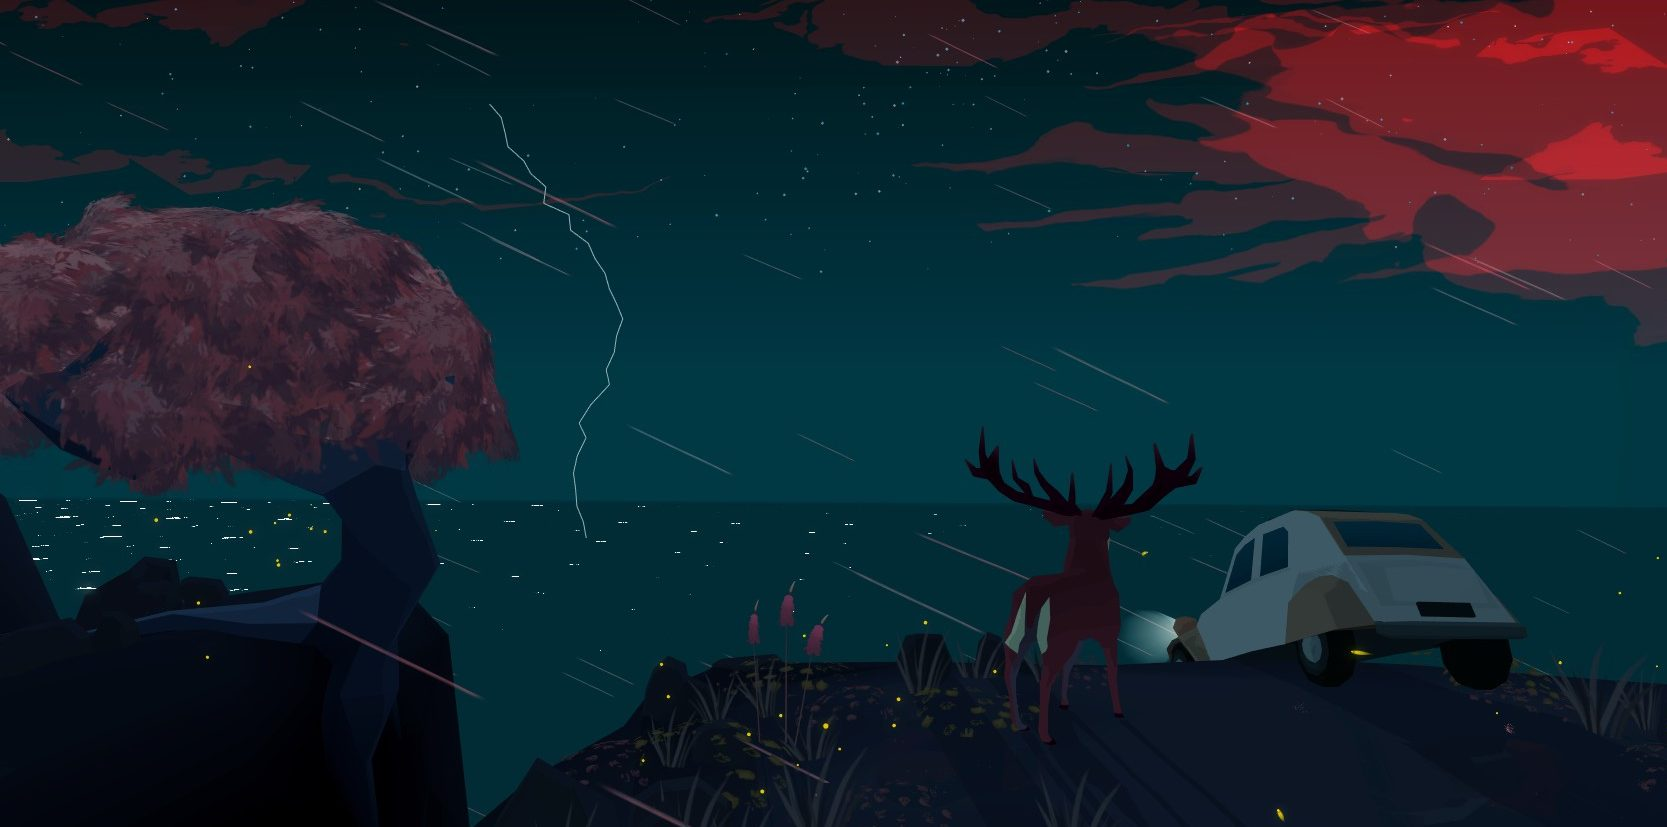 Imagem do jogo Far From Noise, criado por George Batchelor. A imagem mostra um carro pendurado em um penhasco, com um cervo logo ao lado, numa tempestade noturna.